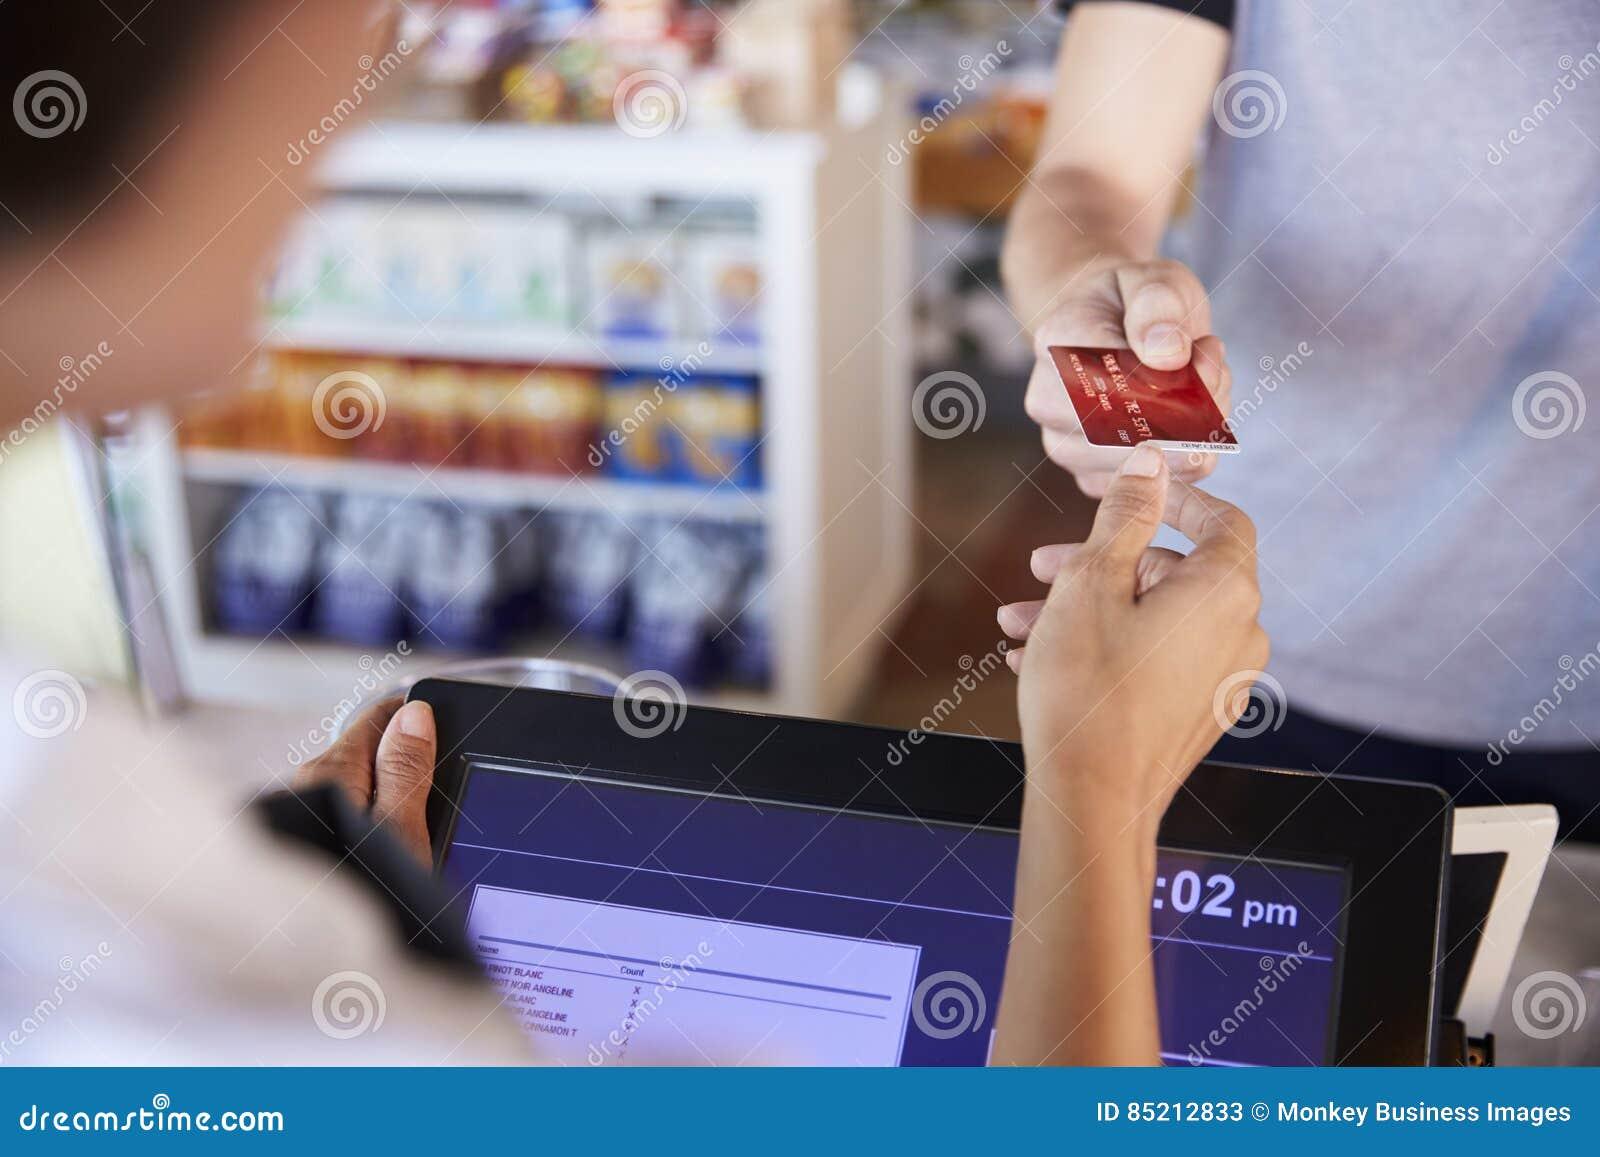 Kassier Accepts Card Payment van Klant in Delicatessen